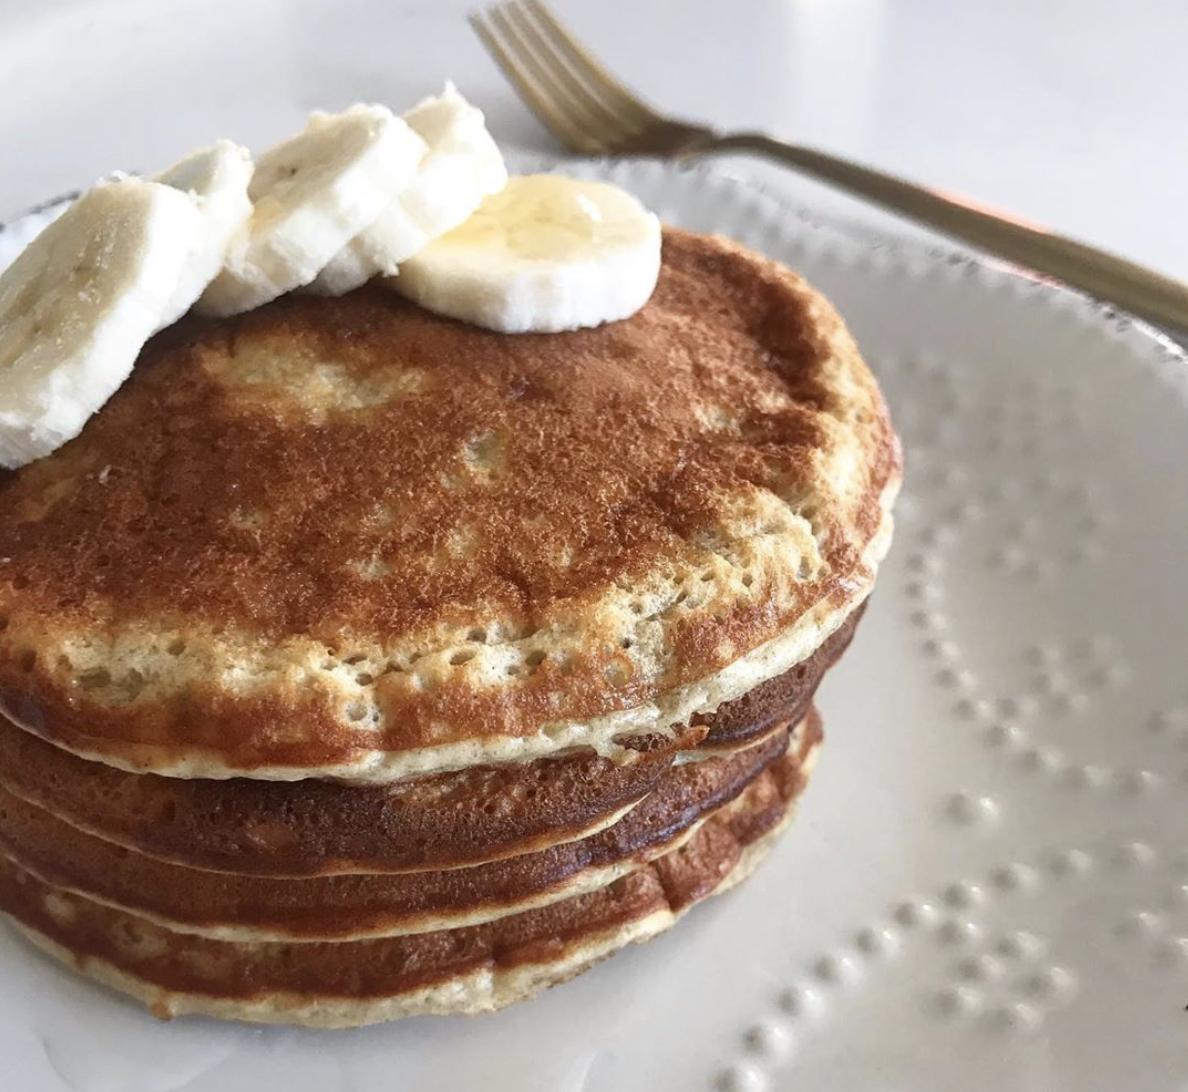 Pancakes de plátano (banana)